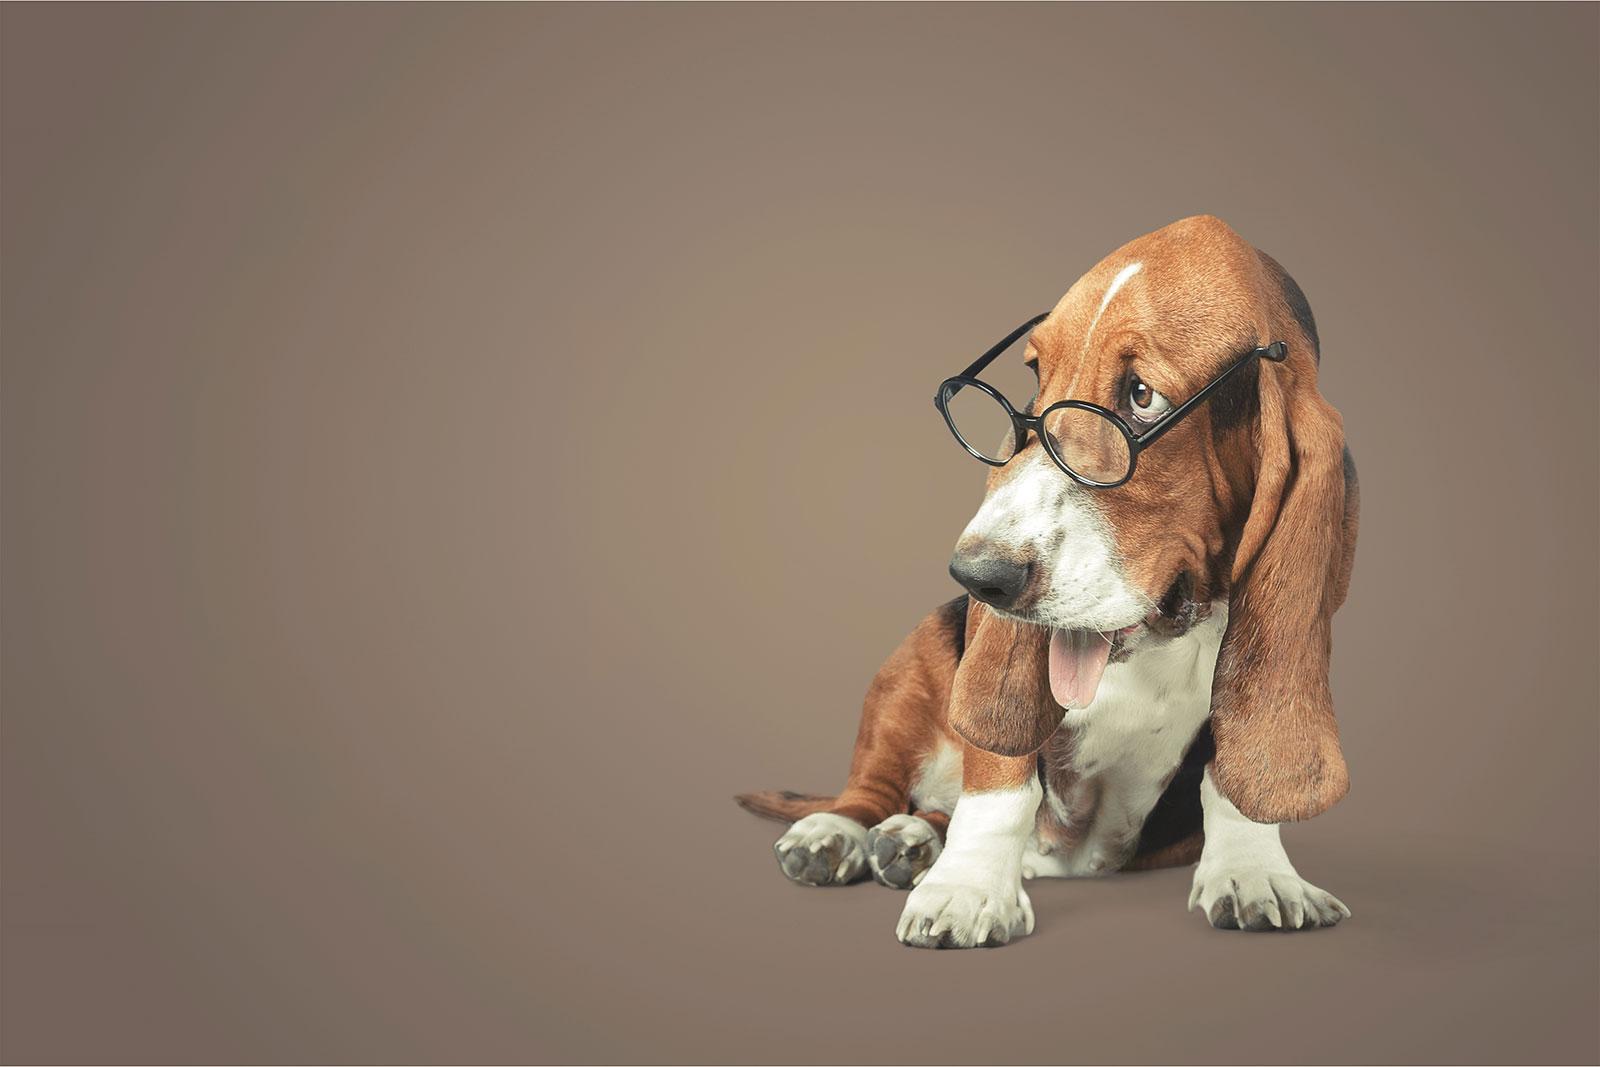 Bild von einem Hund mit Brille